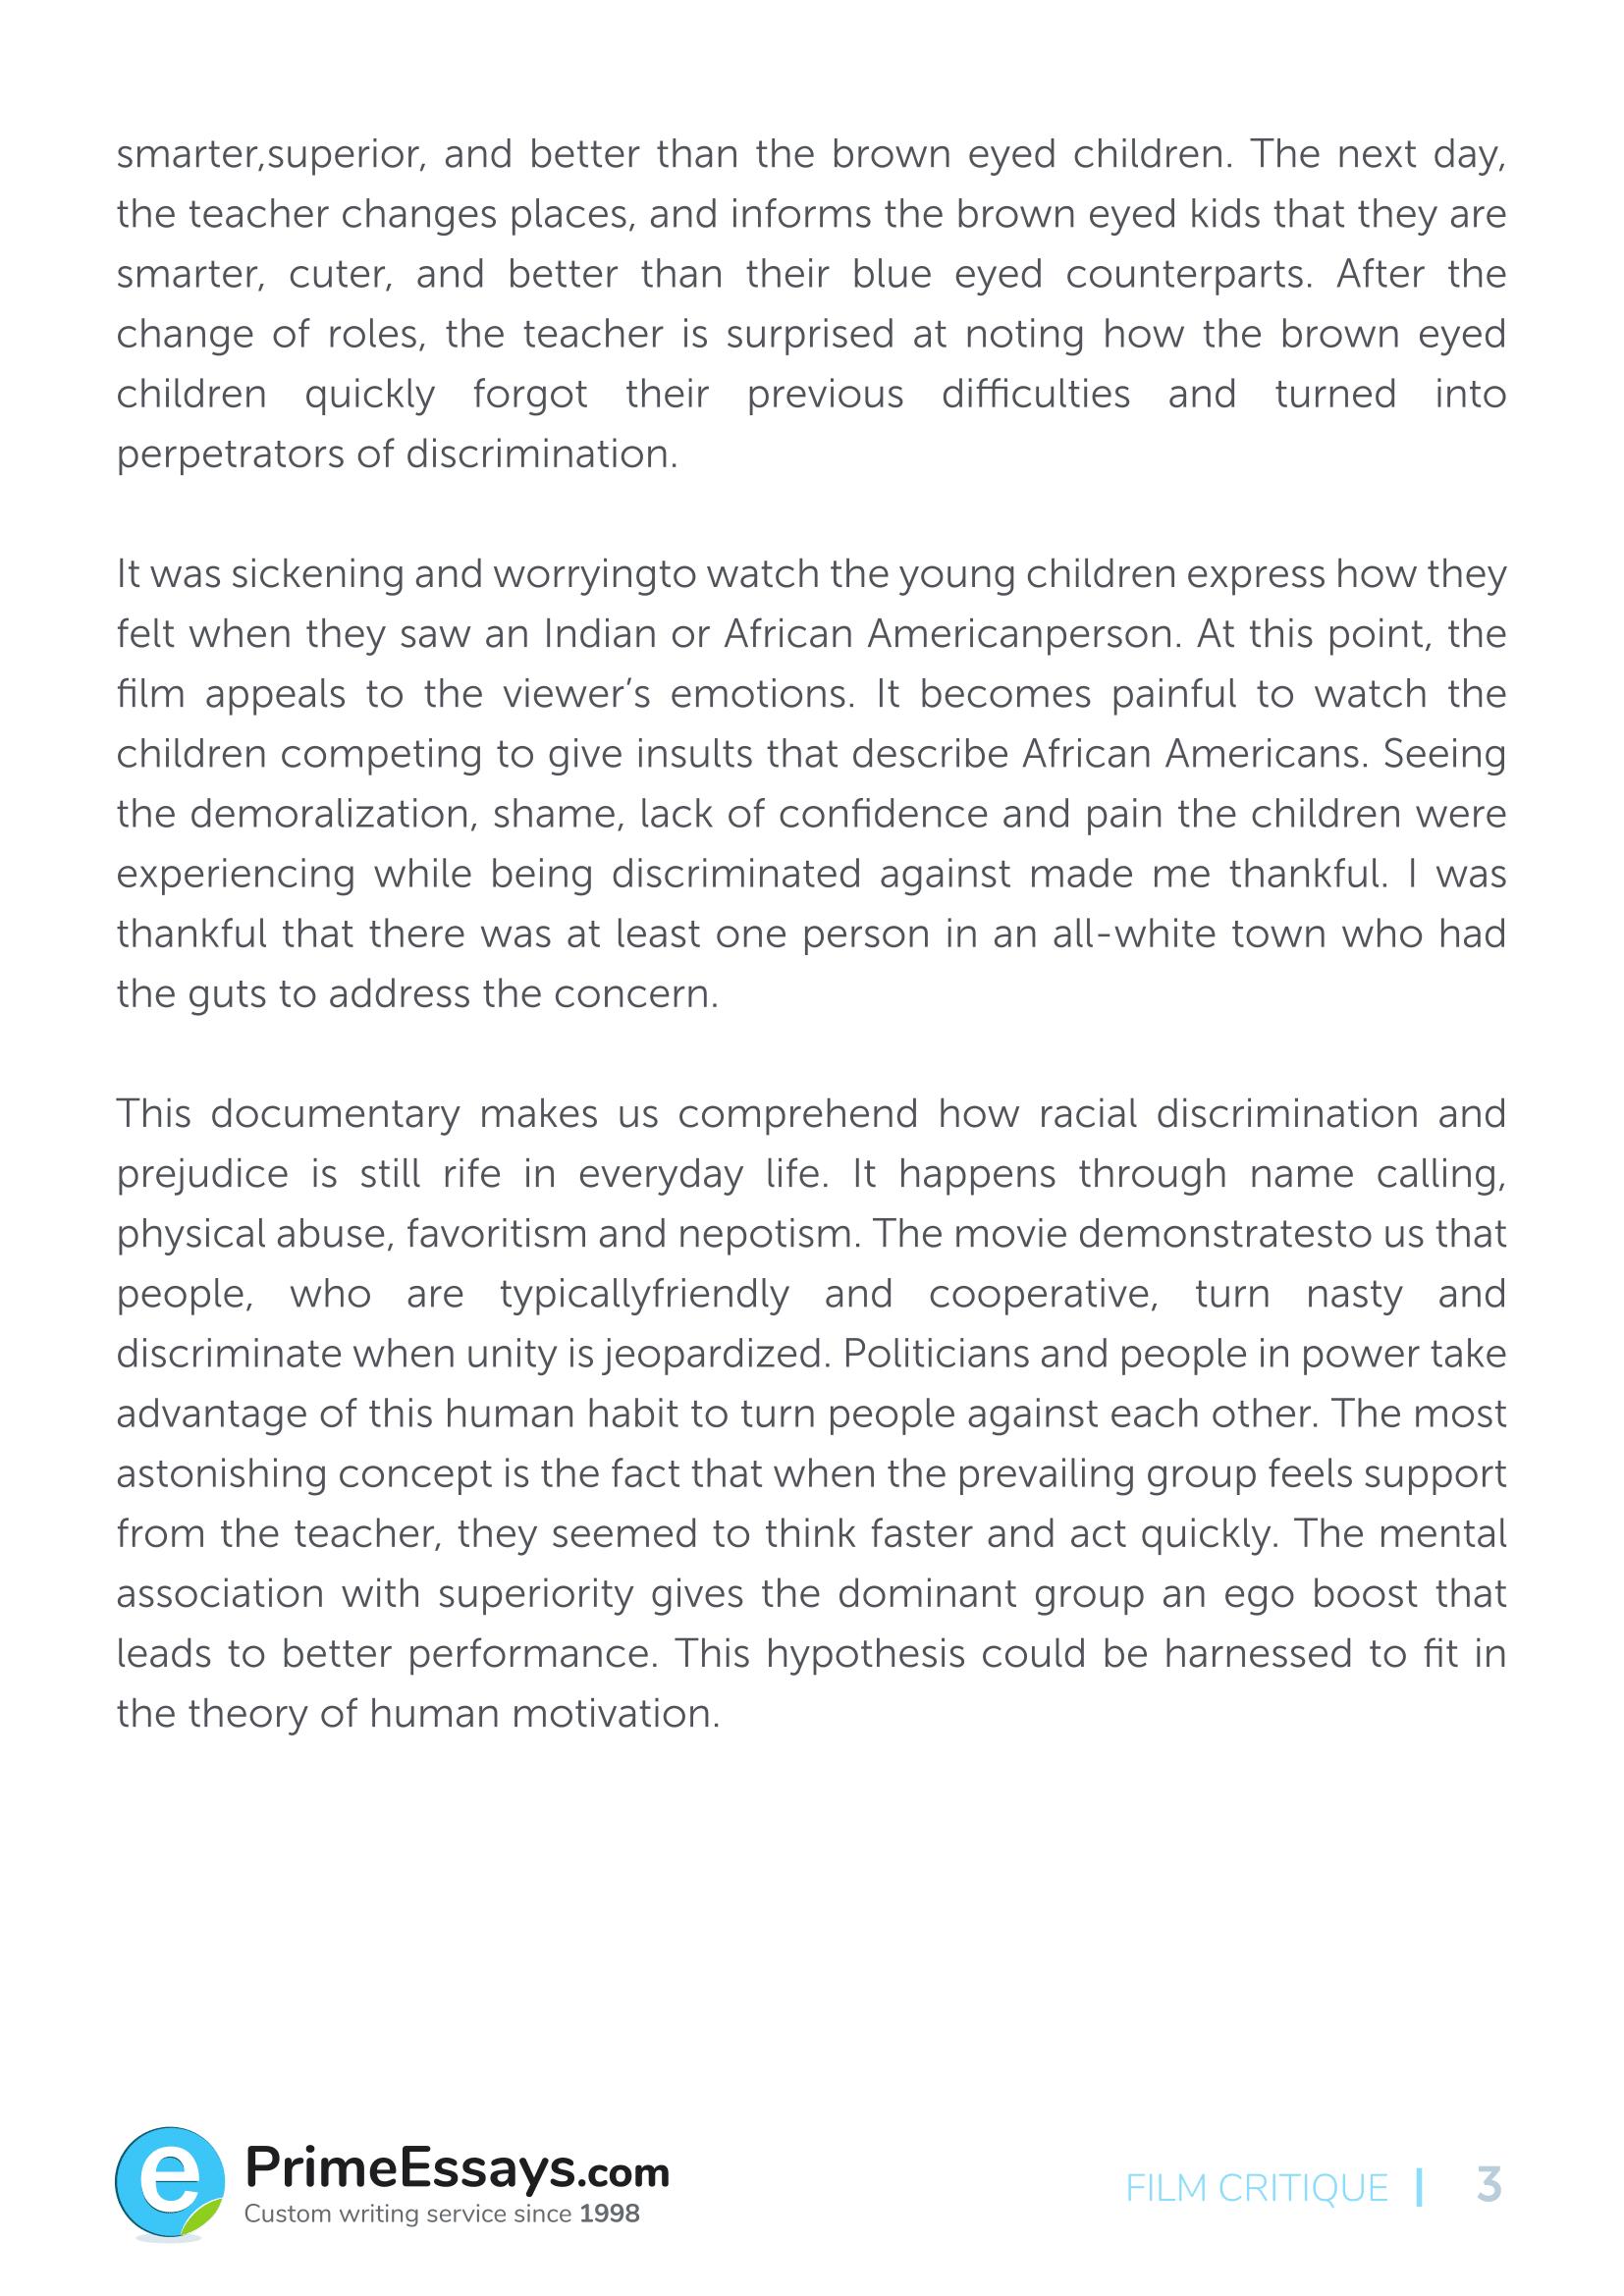 Example of a critique essay